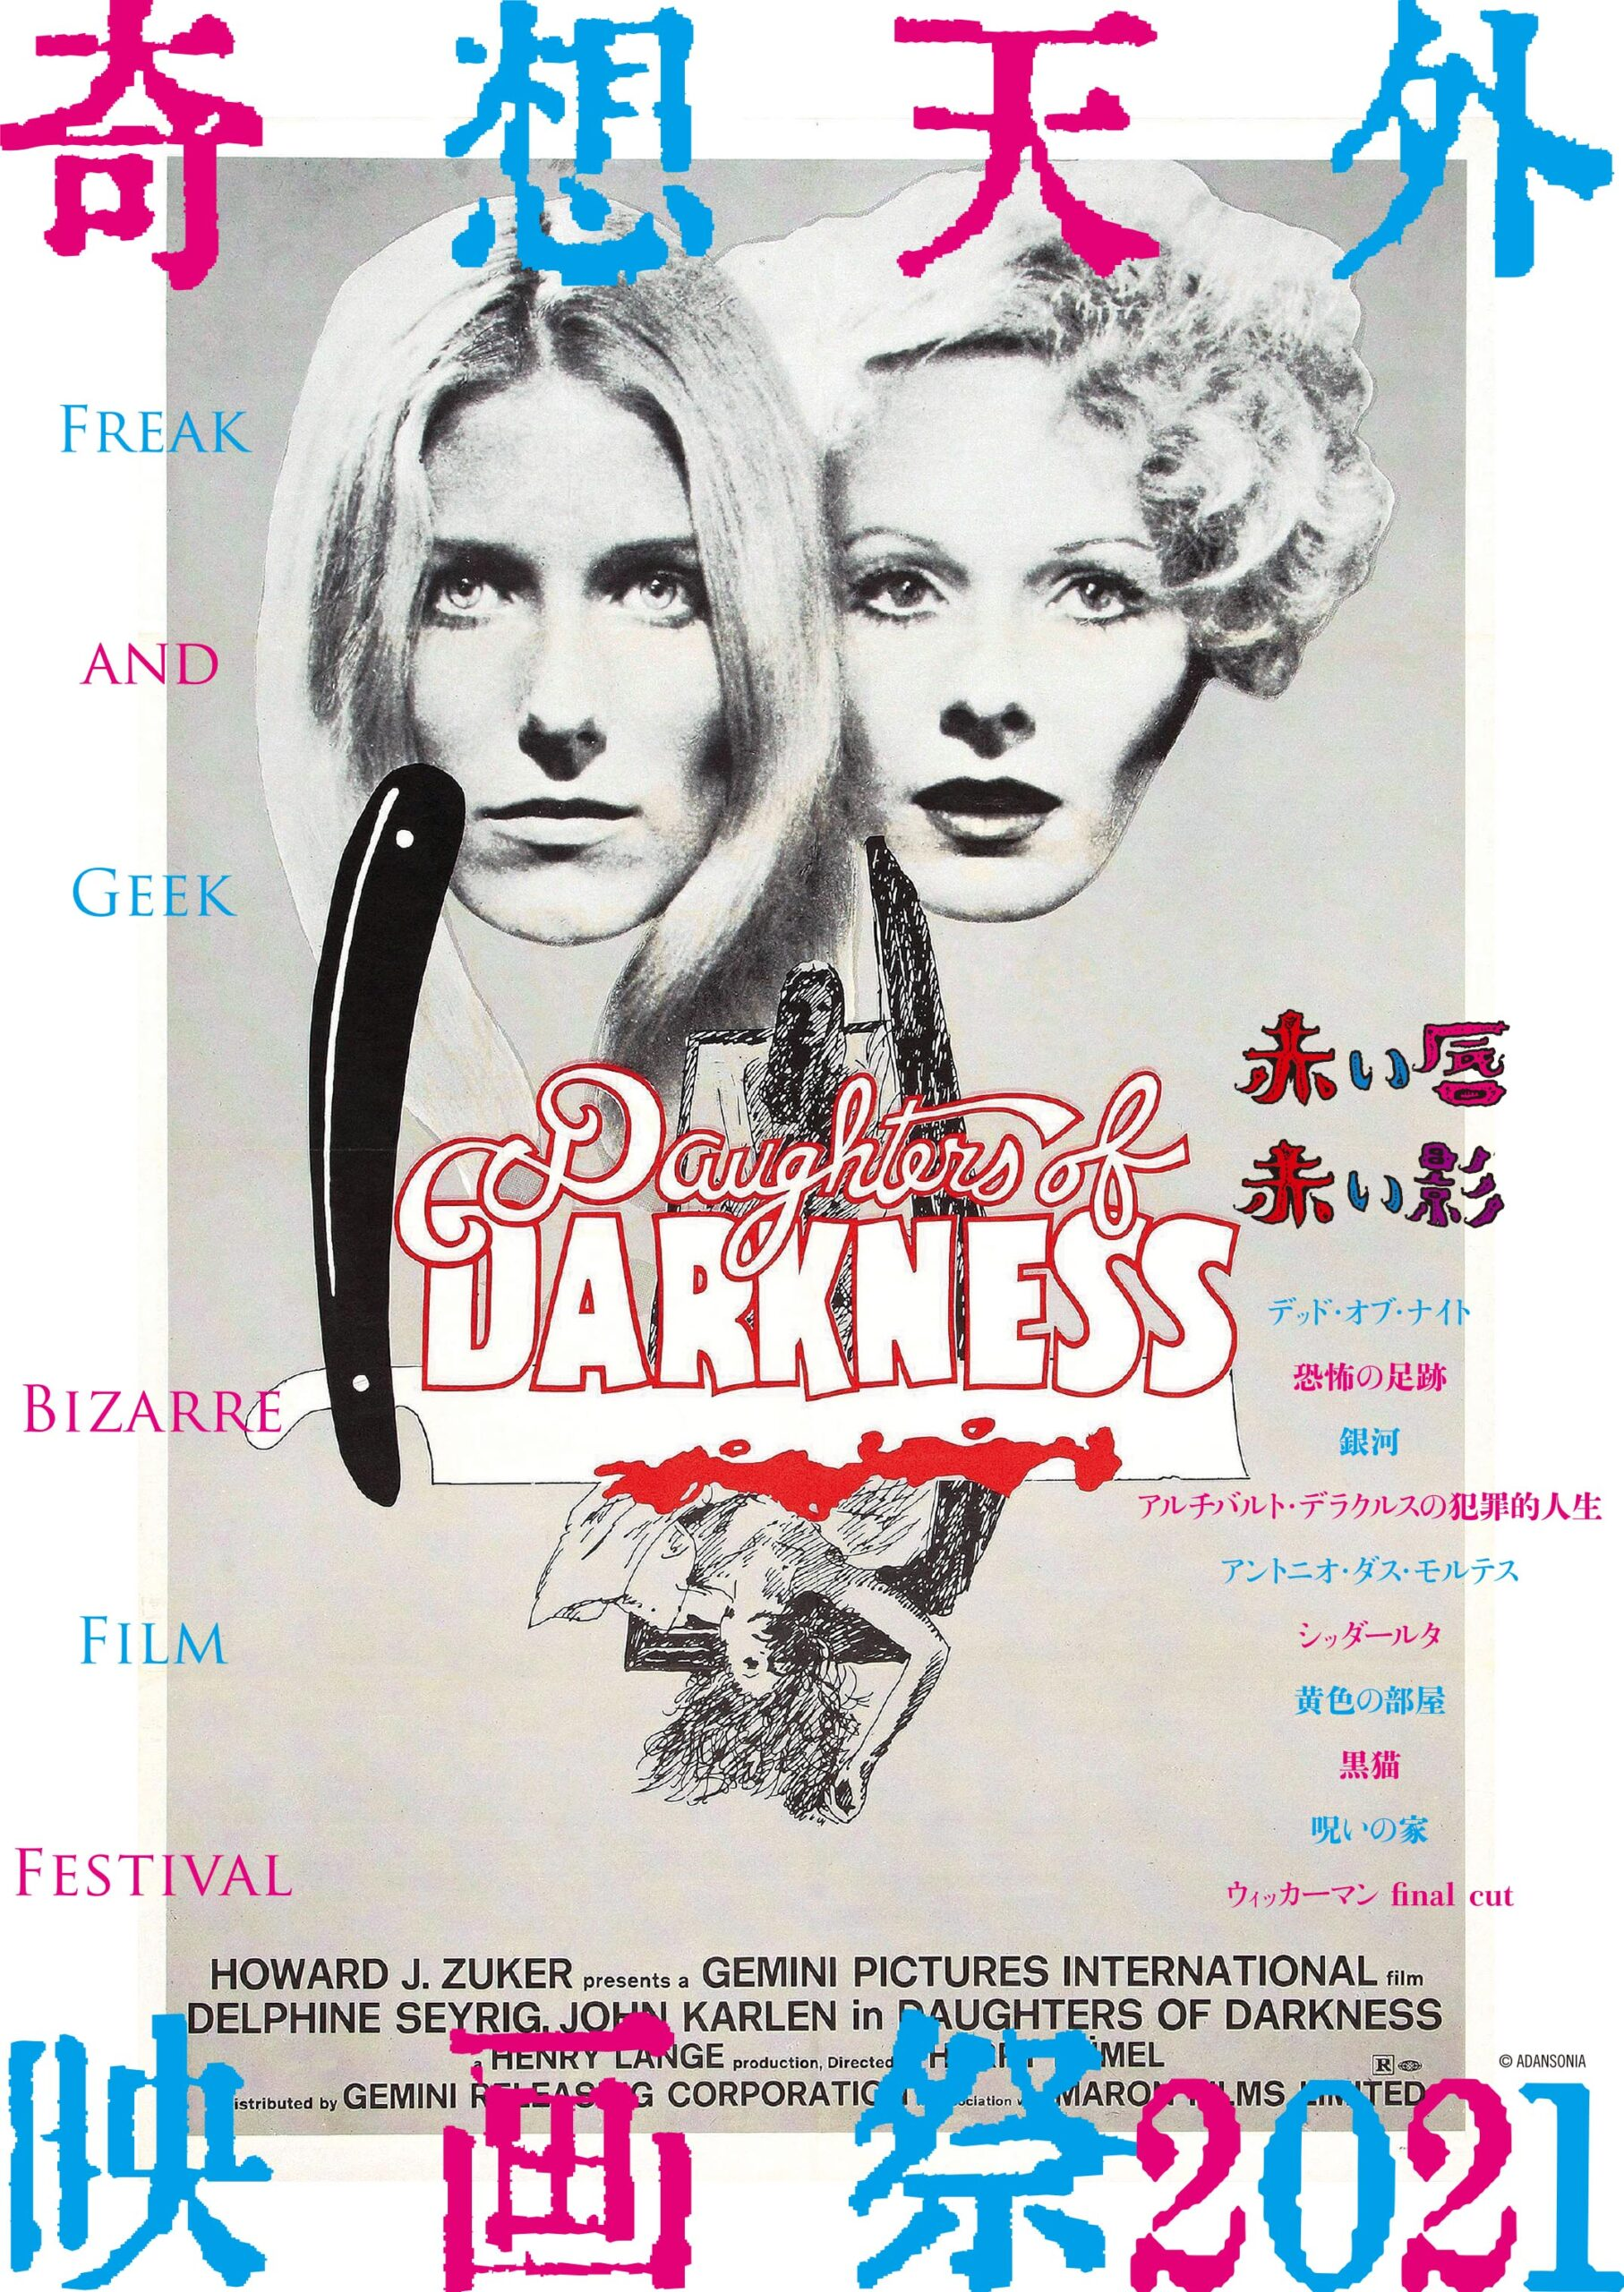 奇想天外映画祭 Bizarre Film Festival Vol.3